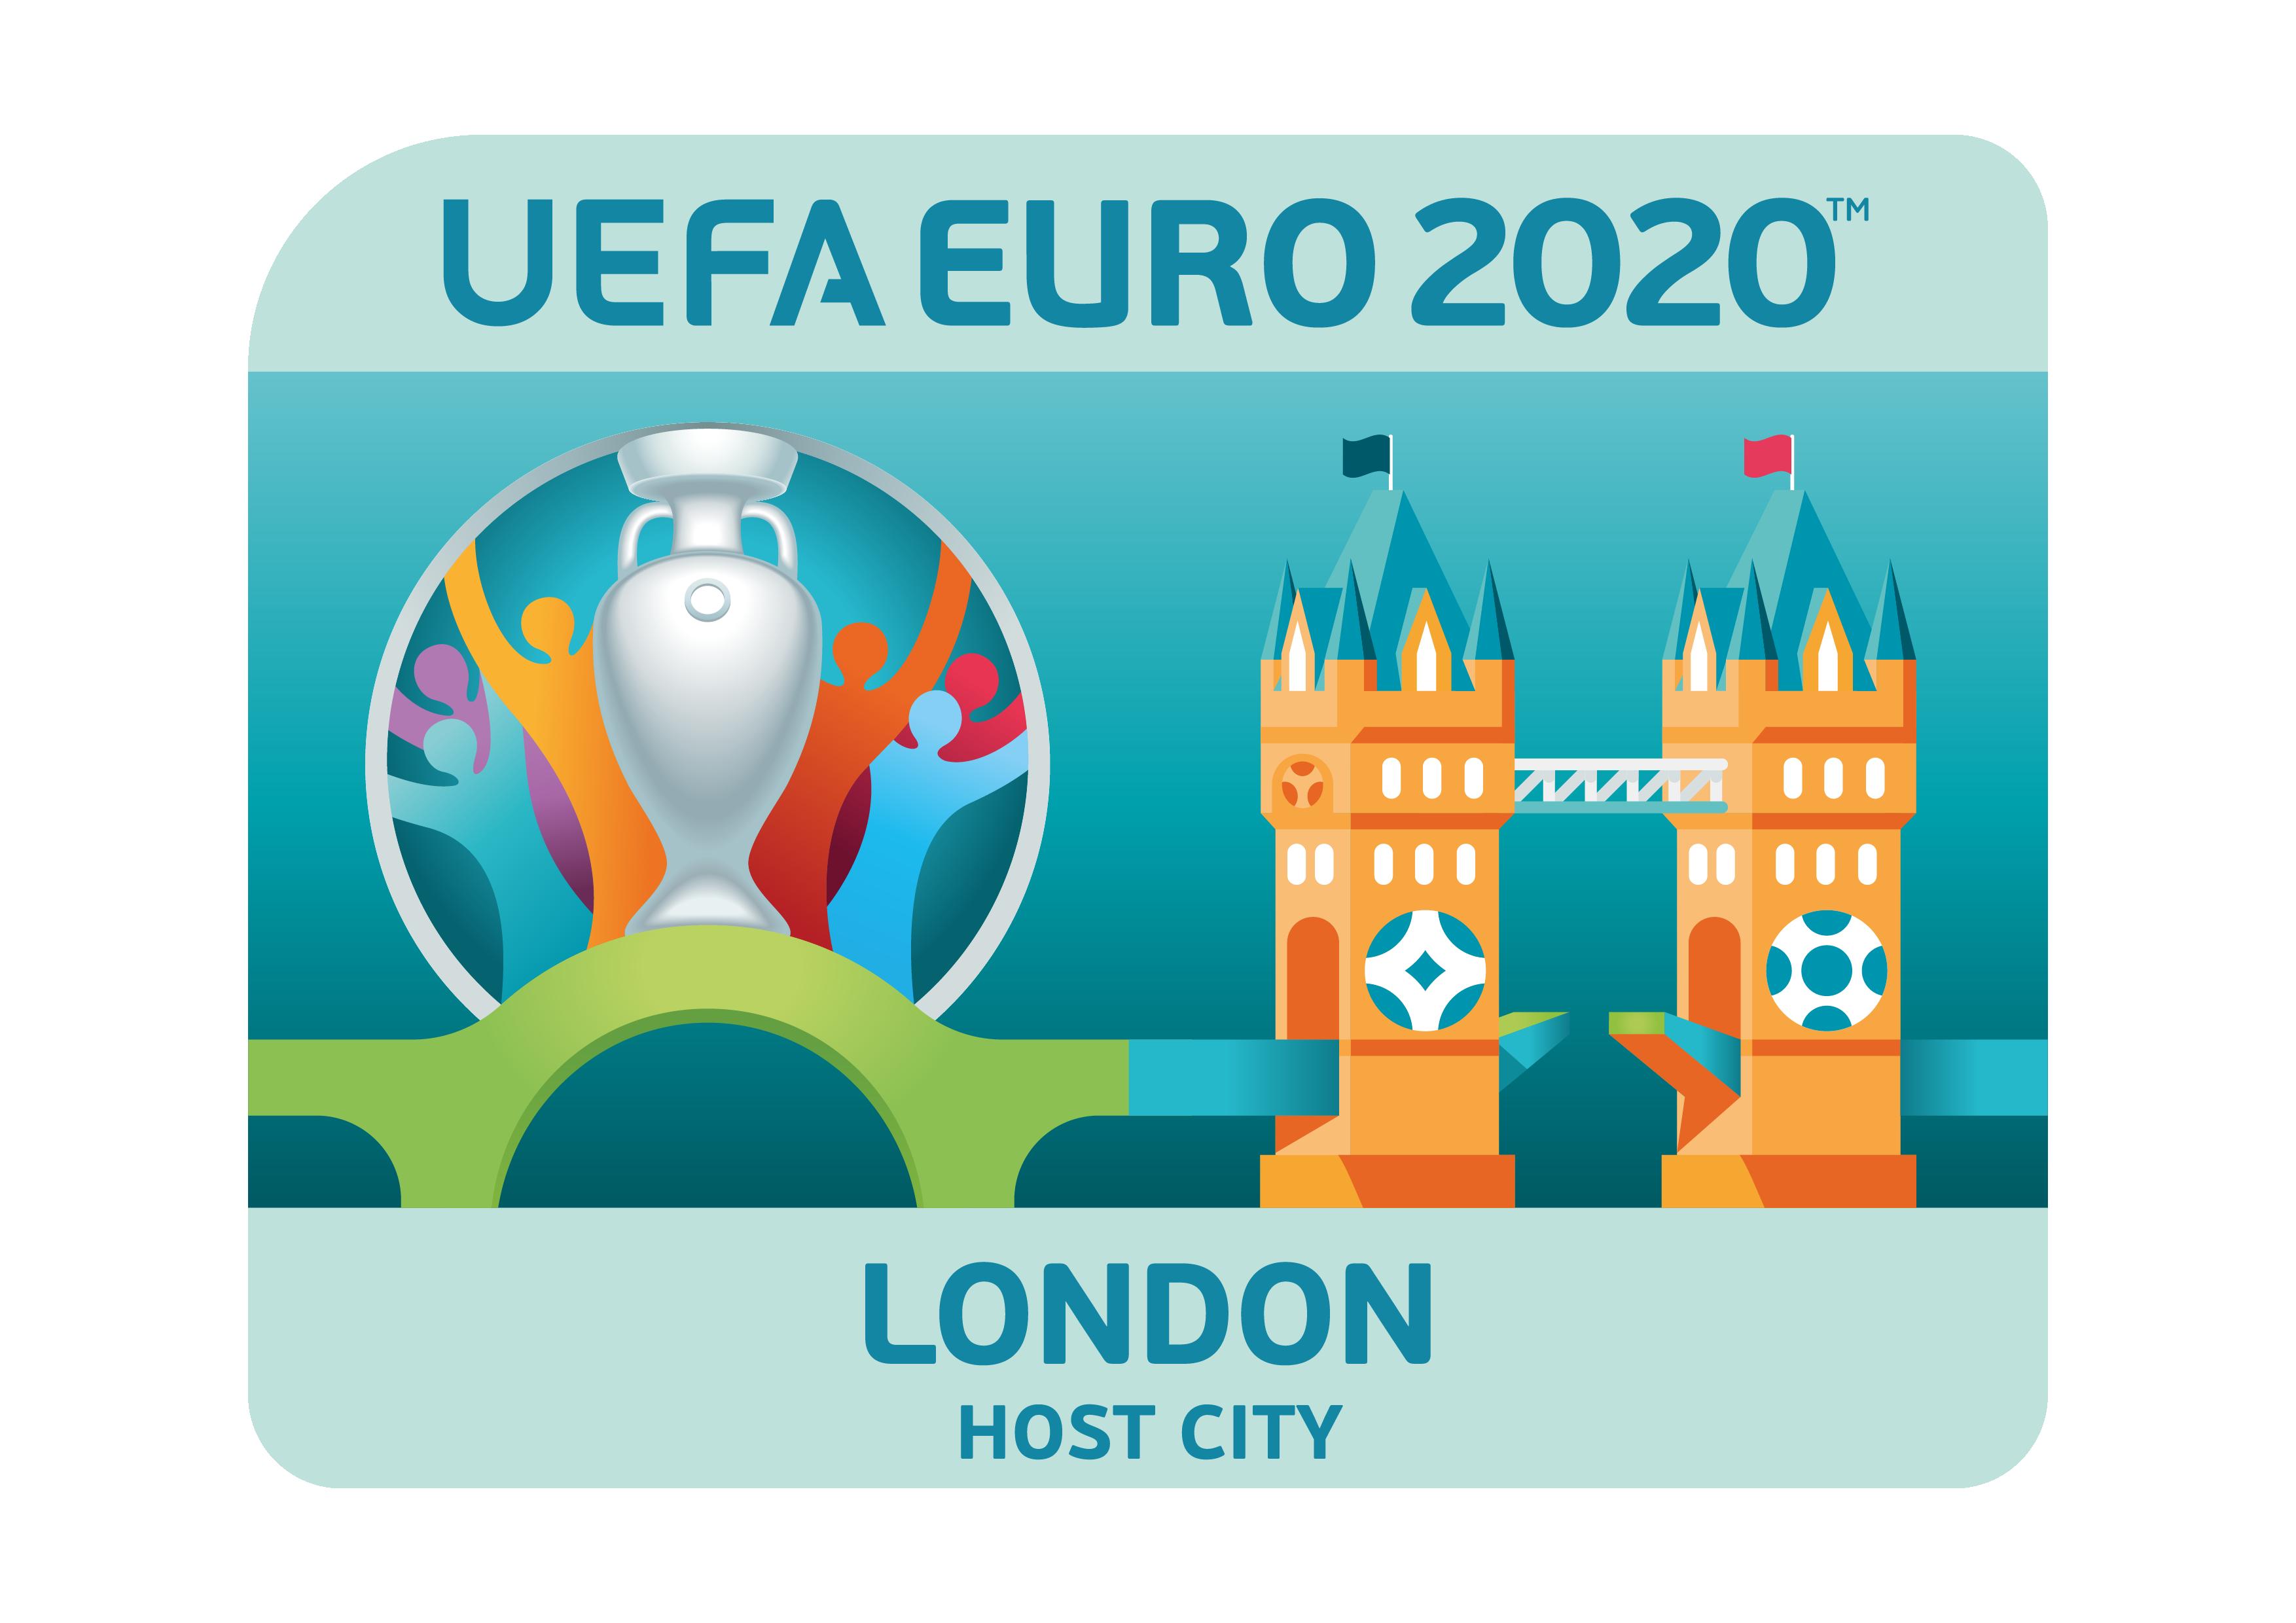 UEFA EURO 2020 host city logo: London